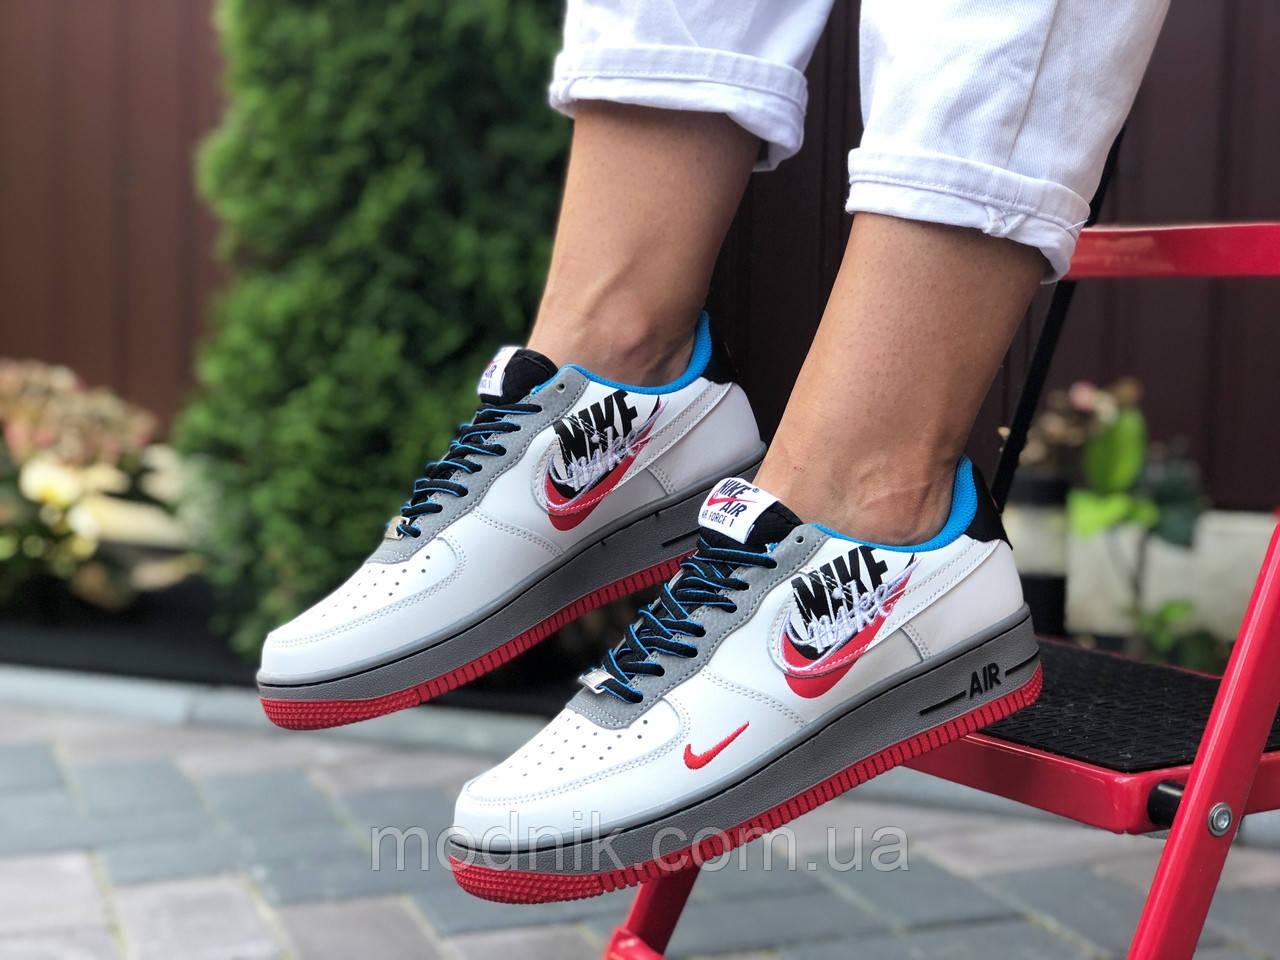 Женские кроссовки Nike Air Force 1 (бело-красные с голубым) 9682